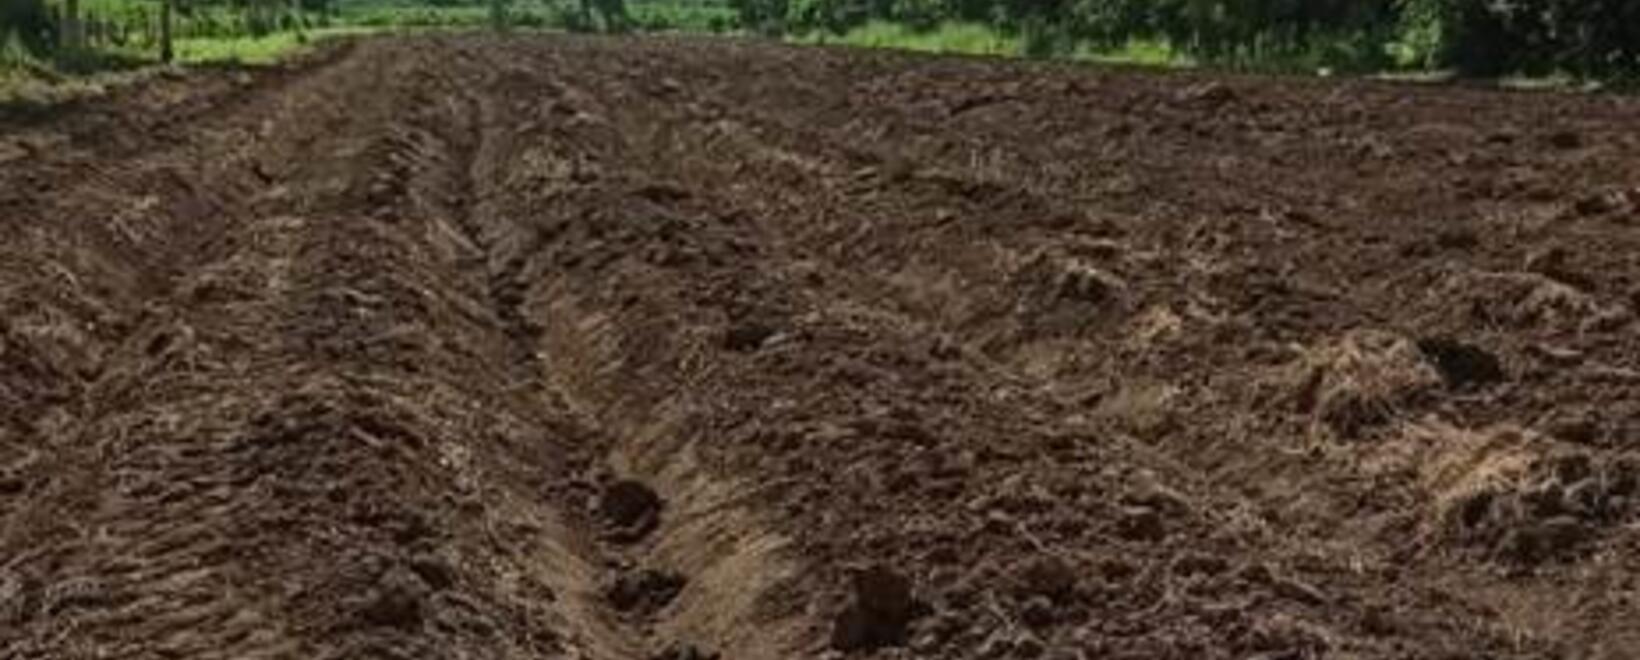 Preparación de suelos 1 - USAID